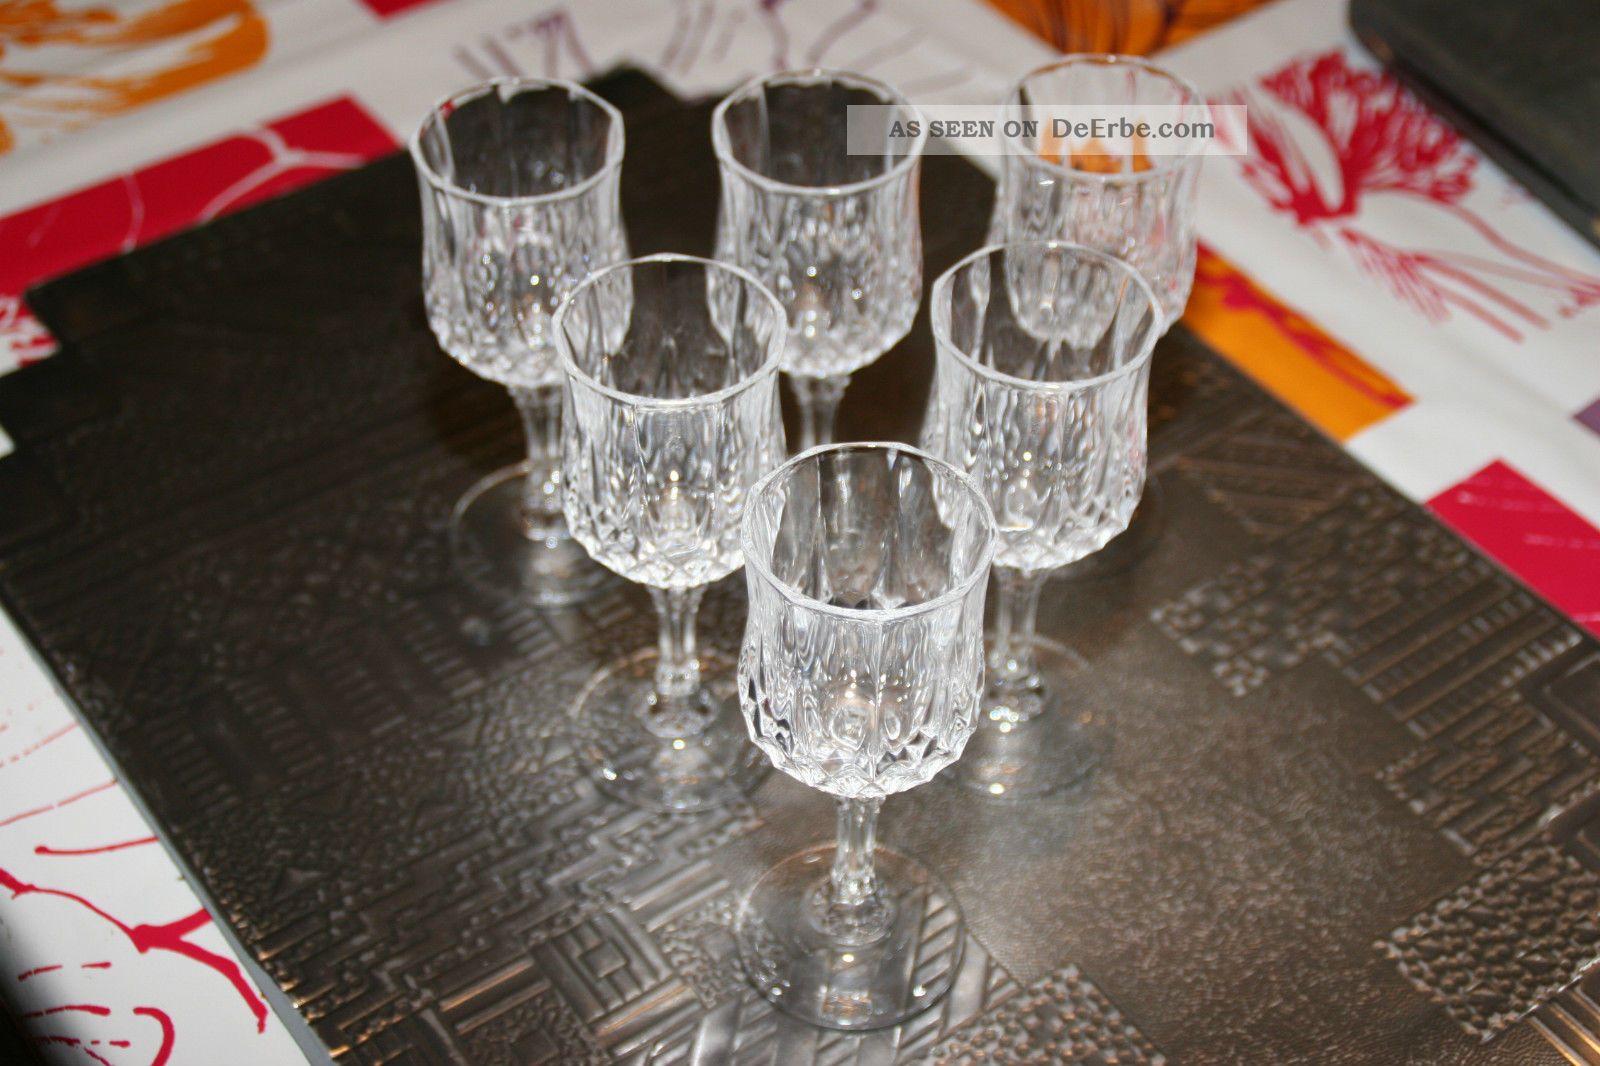 Cristal d'arques gläser